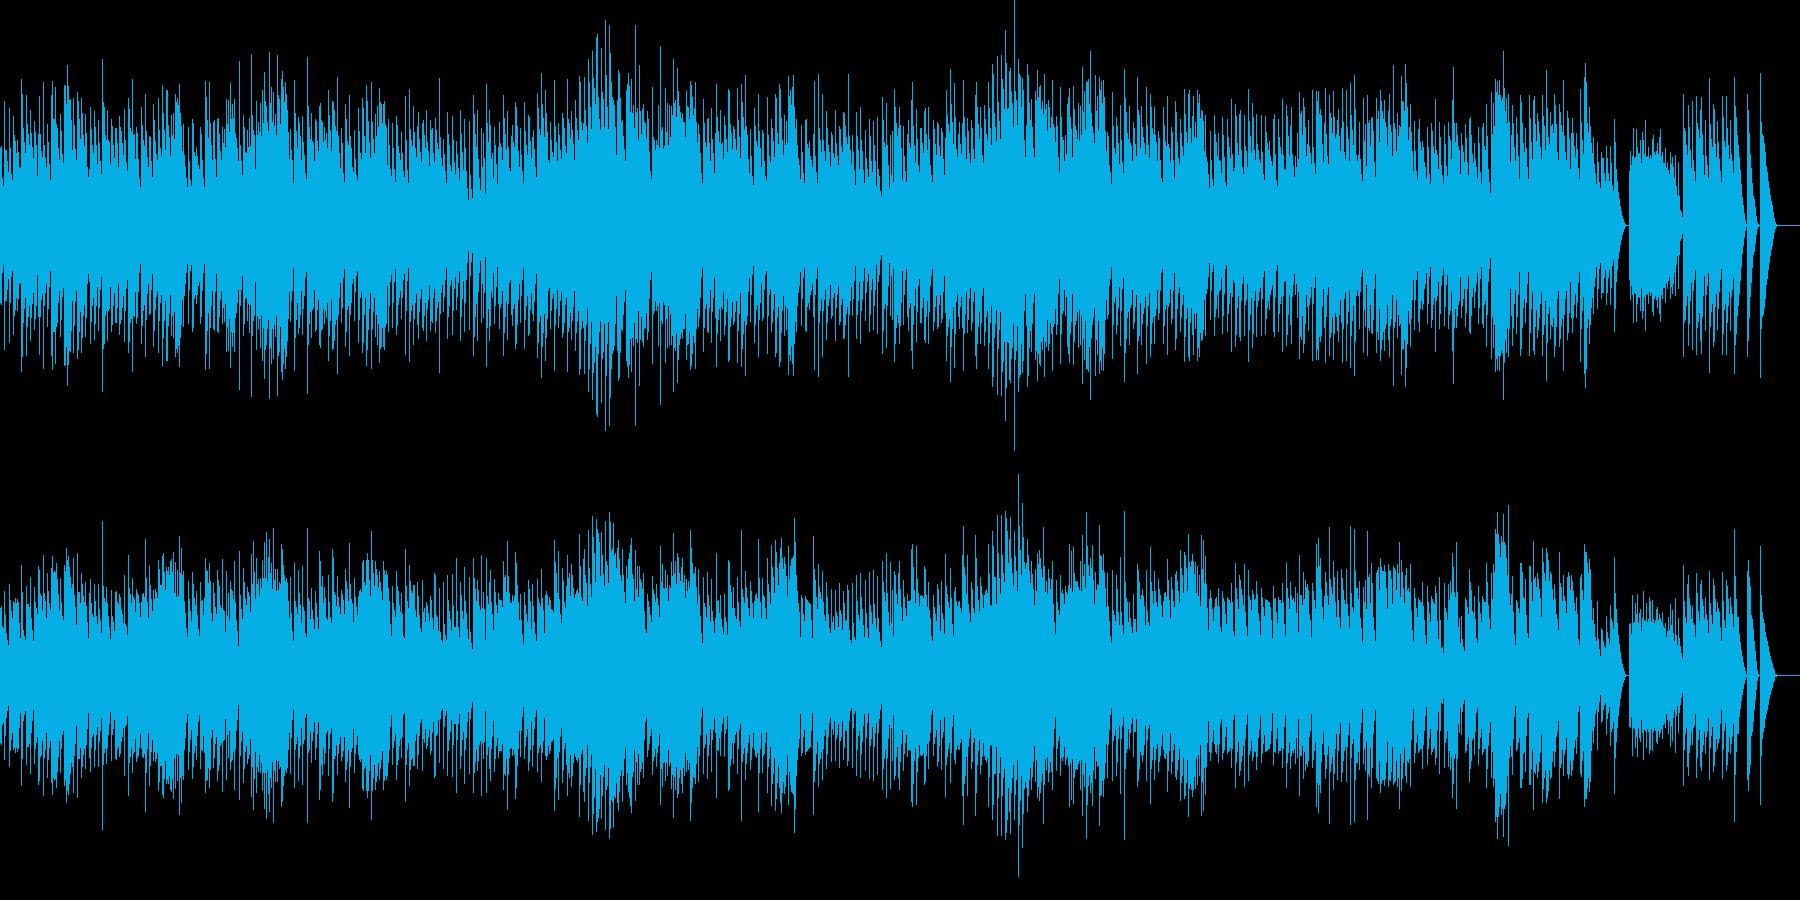 ショパンのノクターン フル尺 オルゴールの再生済みの波形